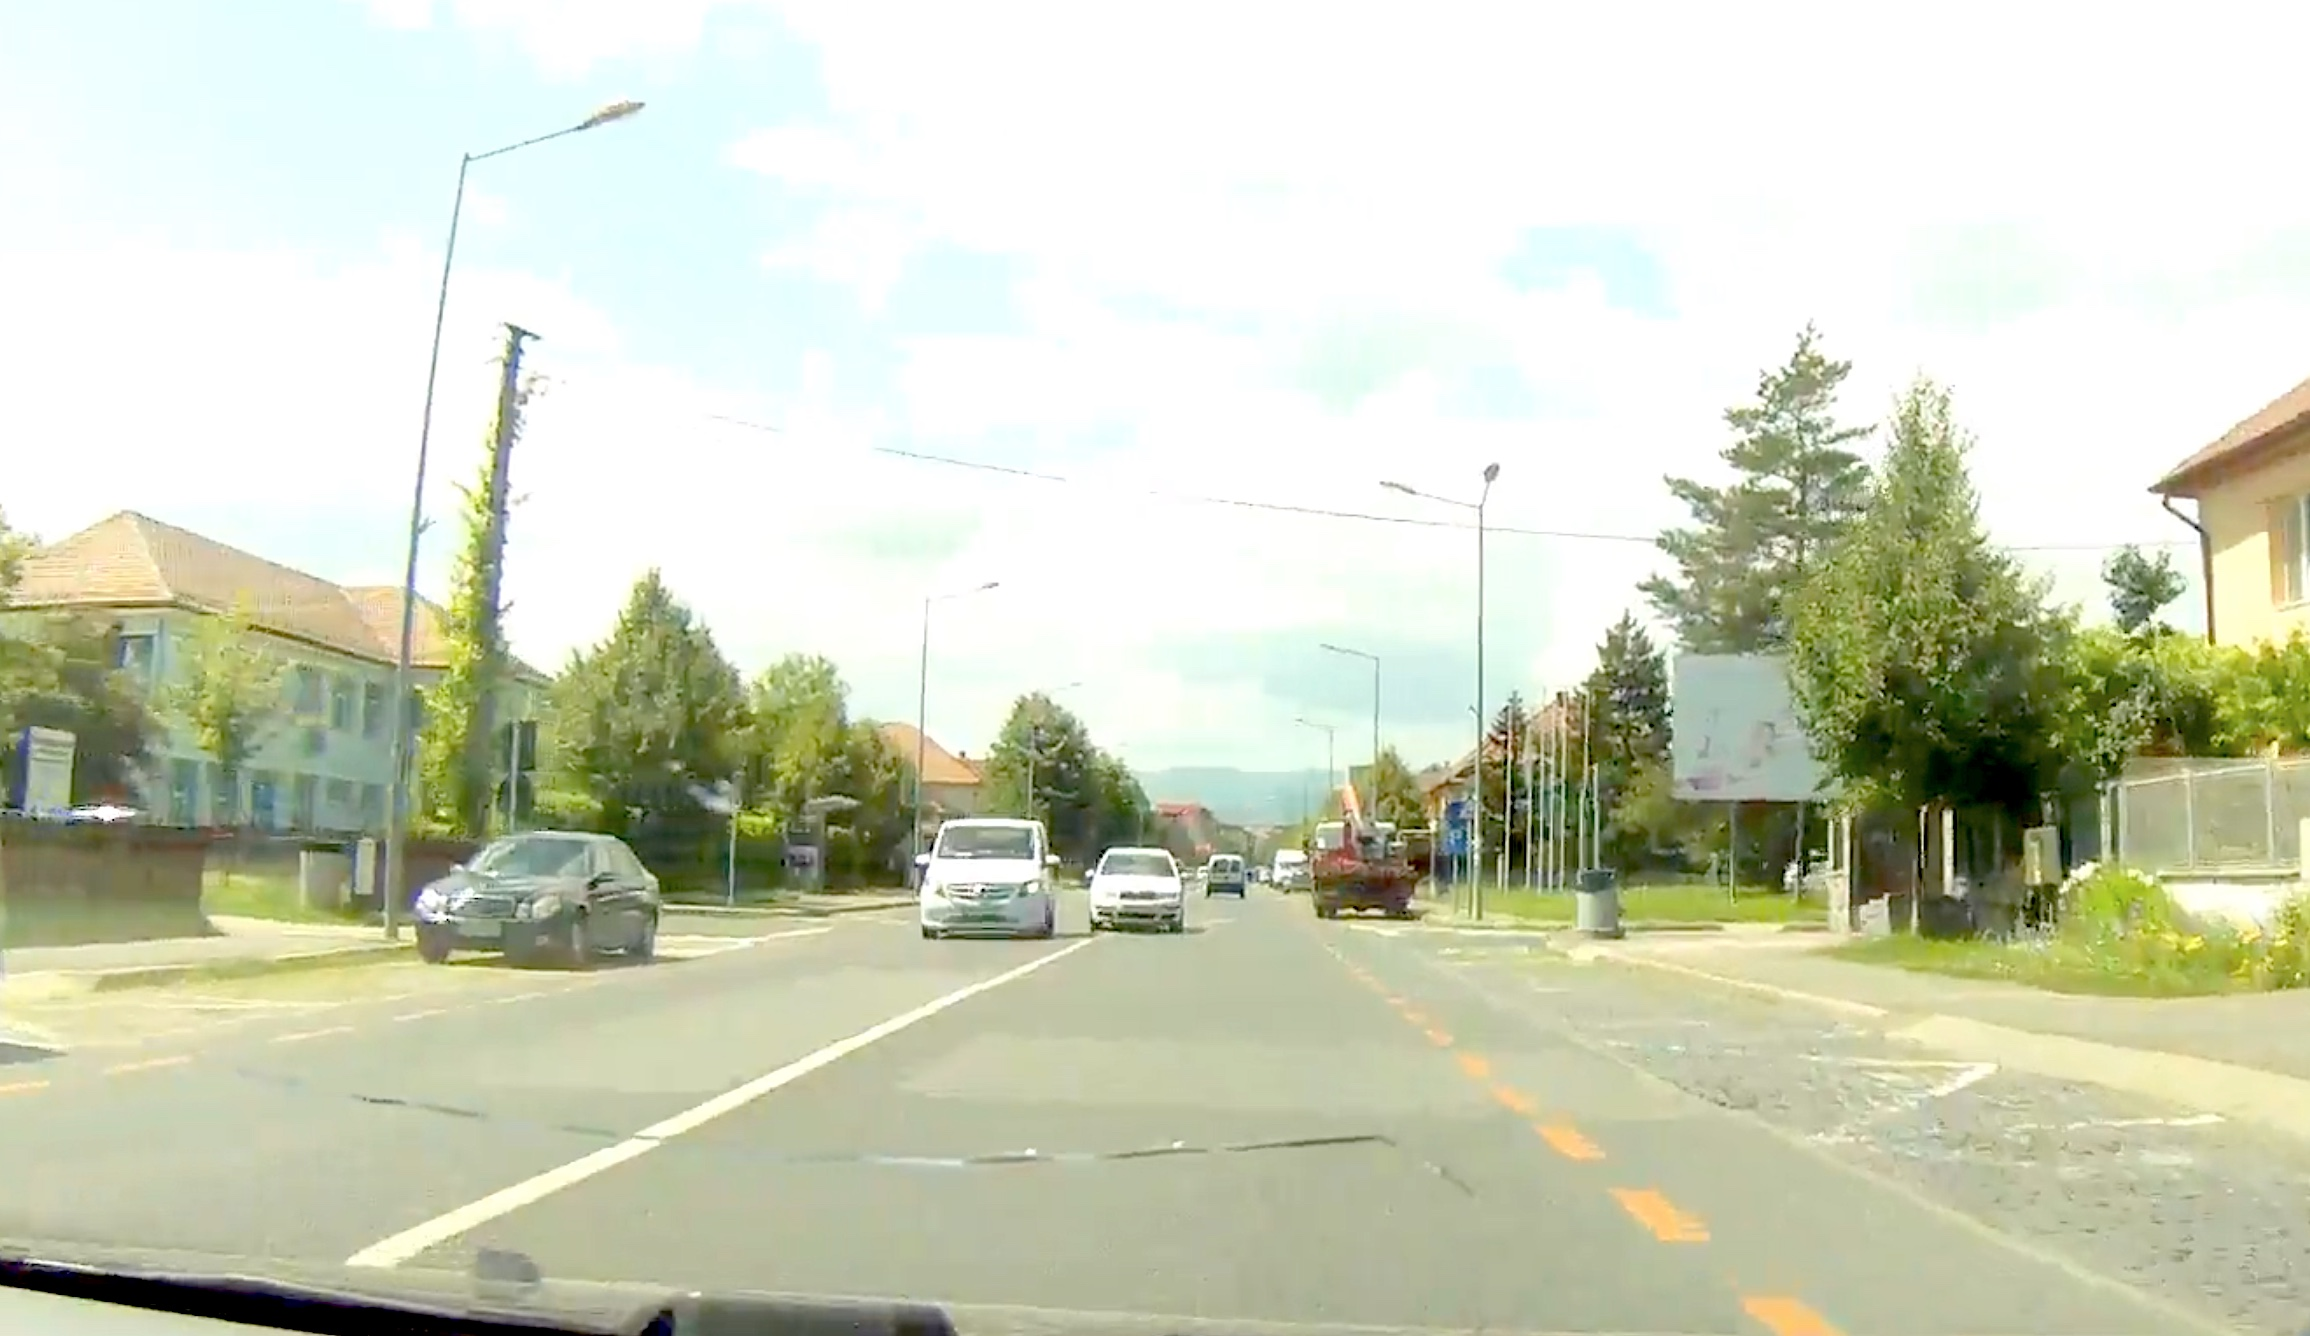 VIDEO Mașina mea, drumul meu, regulile mele! Cum poți fi lovit cu mașina în Sibiu